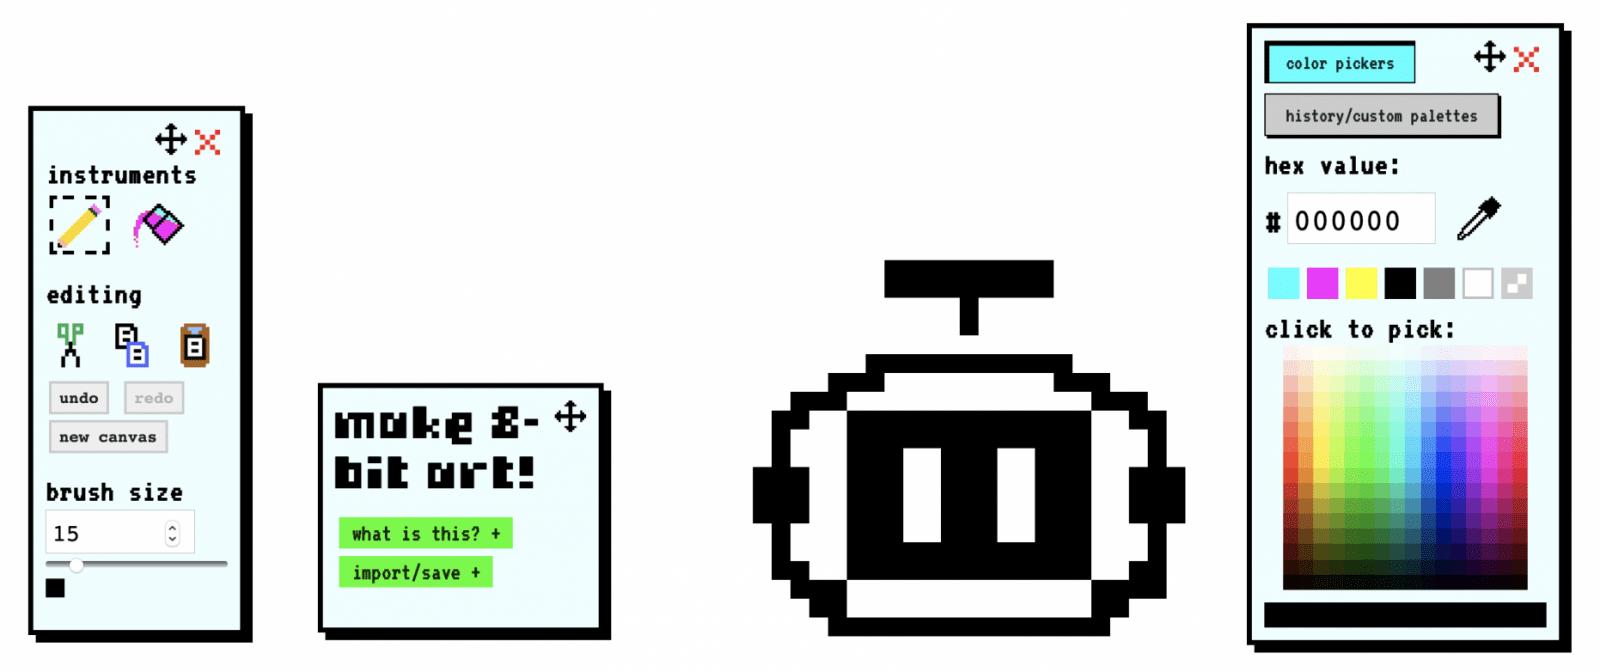 Die Erstellung von 8-Bit-Pixelgrafik ist ein Kinderspiel.